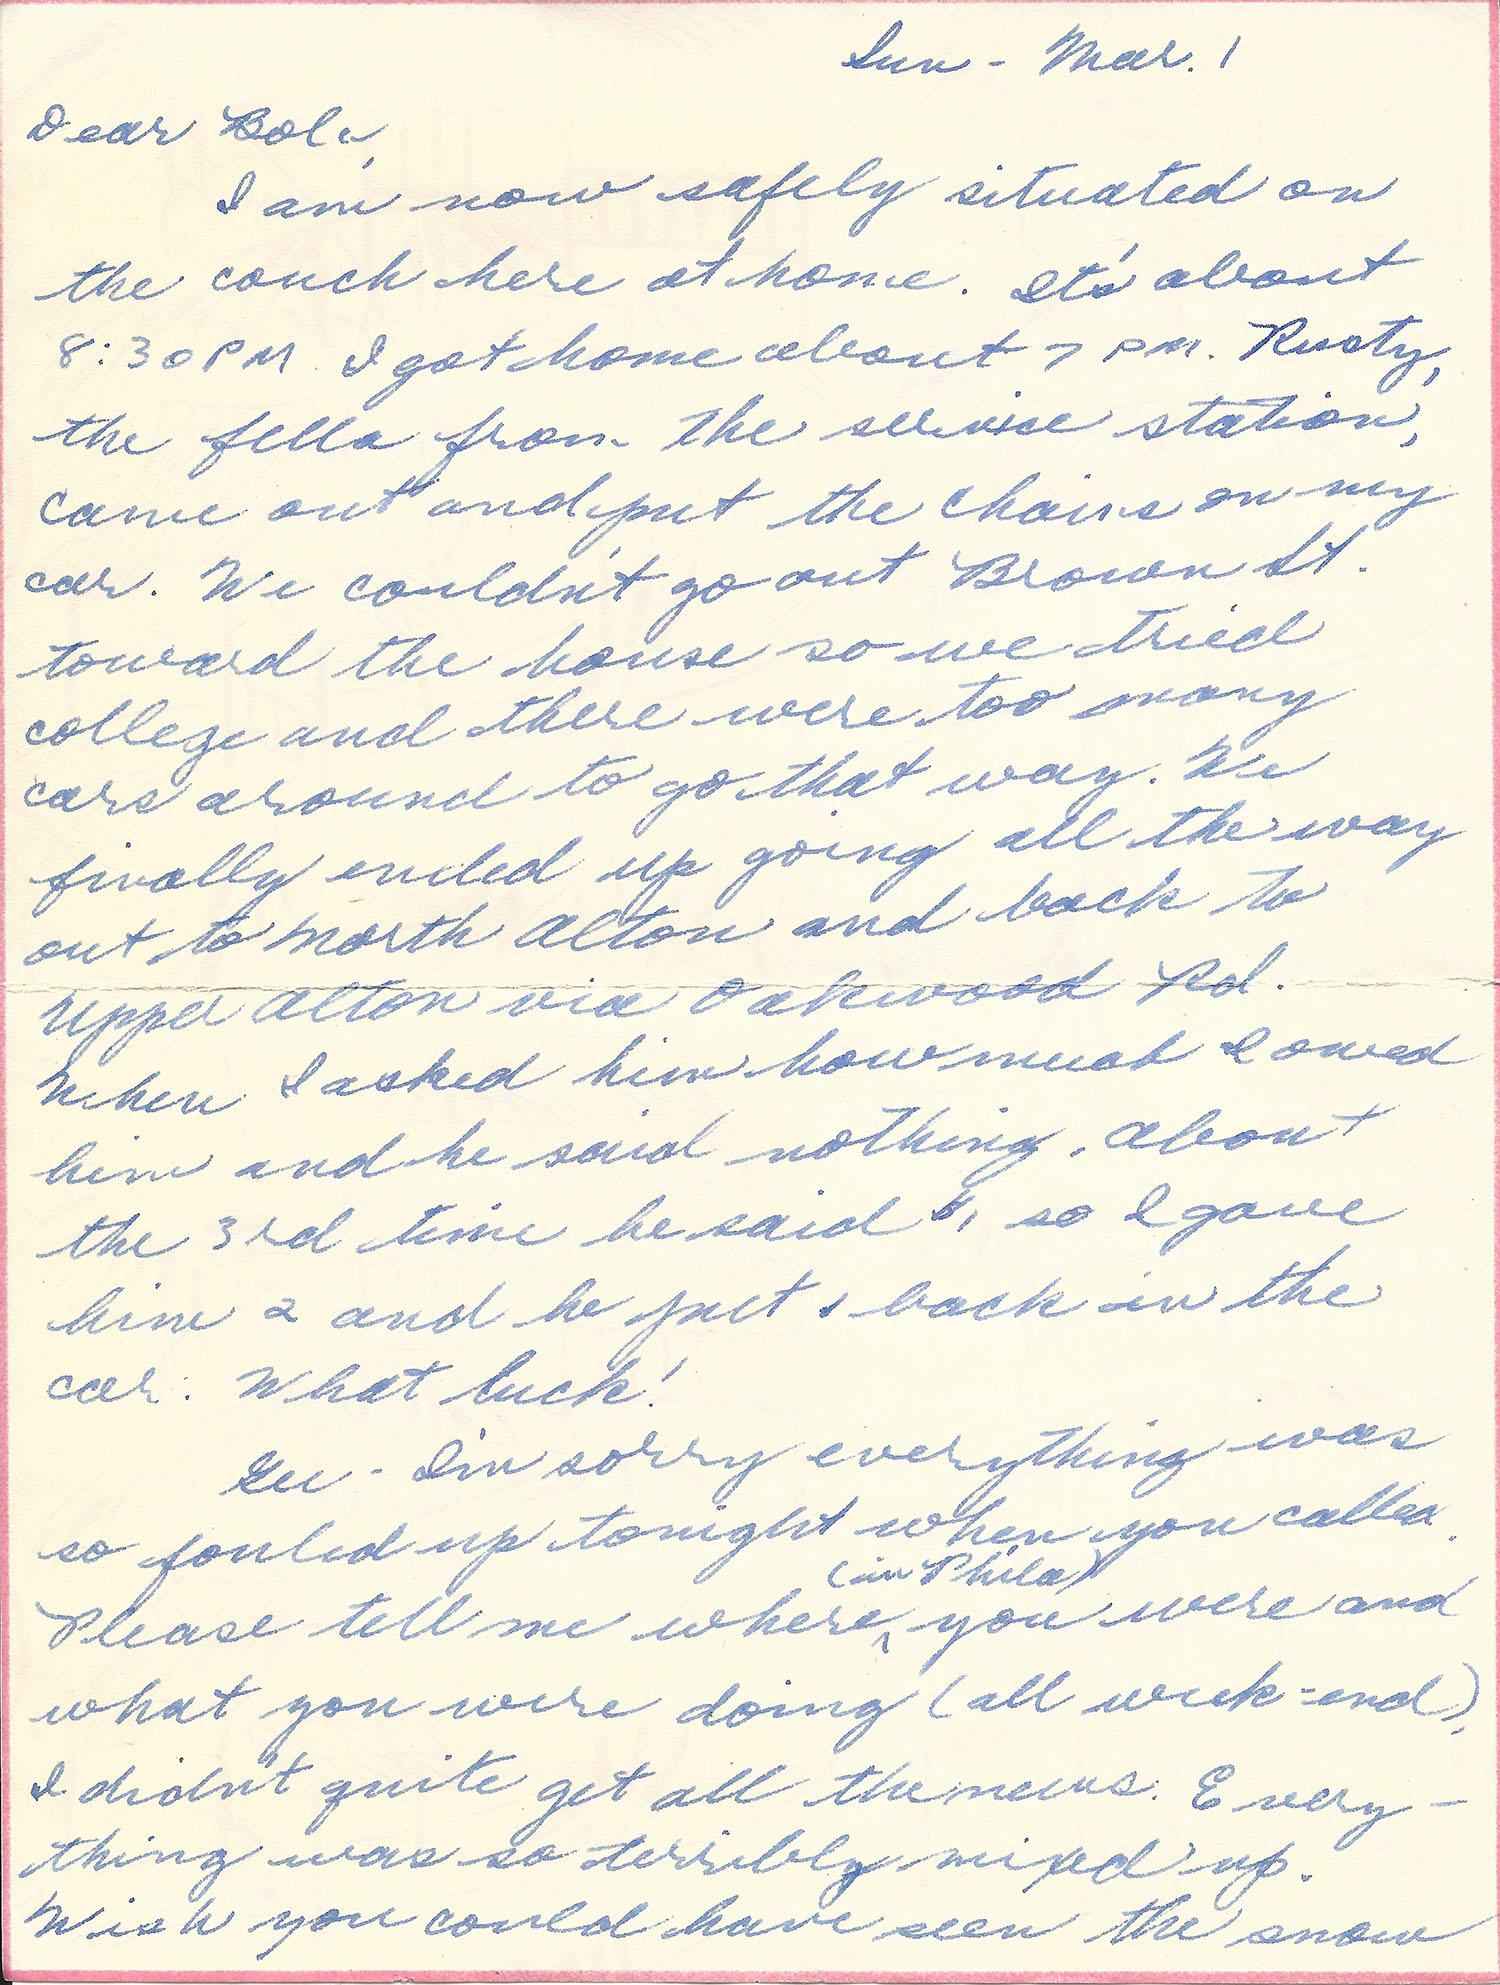 Mar. 1, 1953 (Marj), Page 1